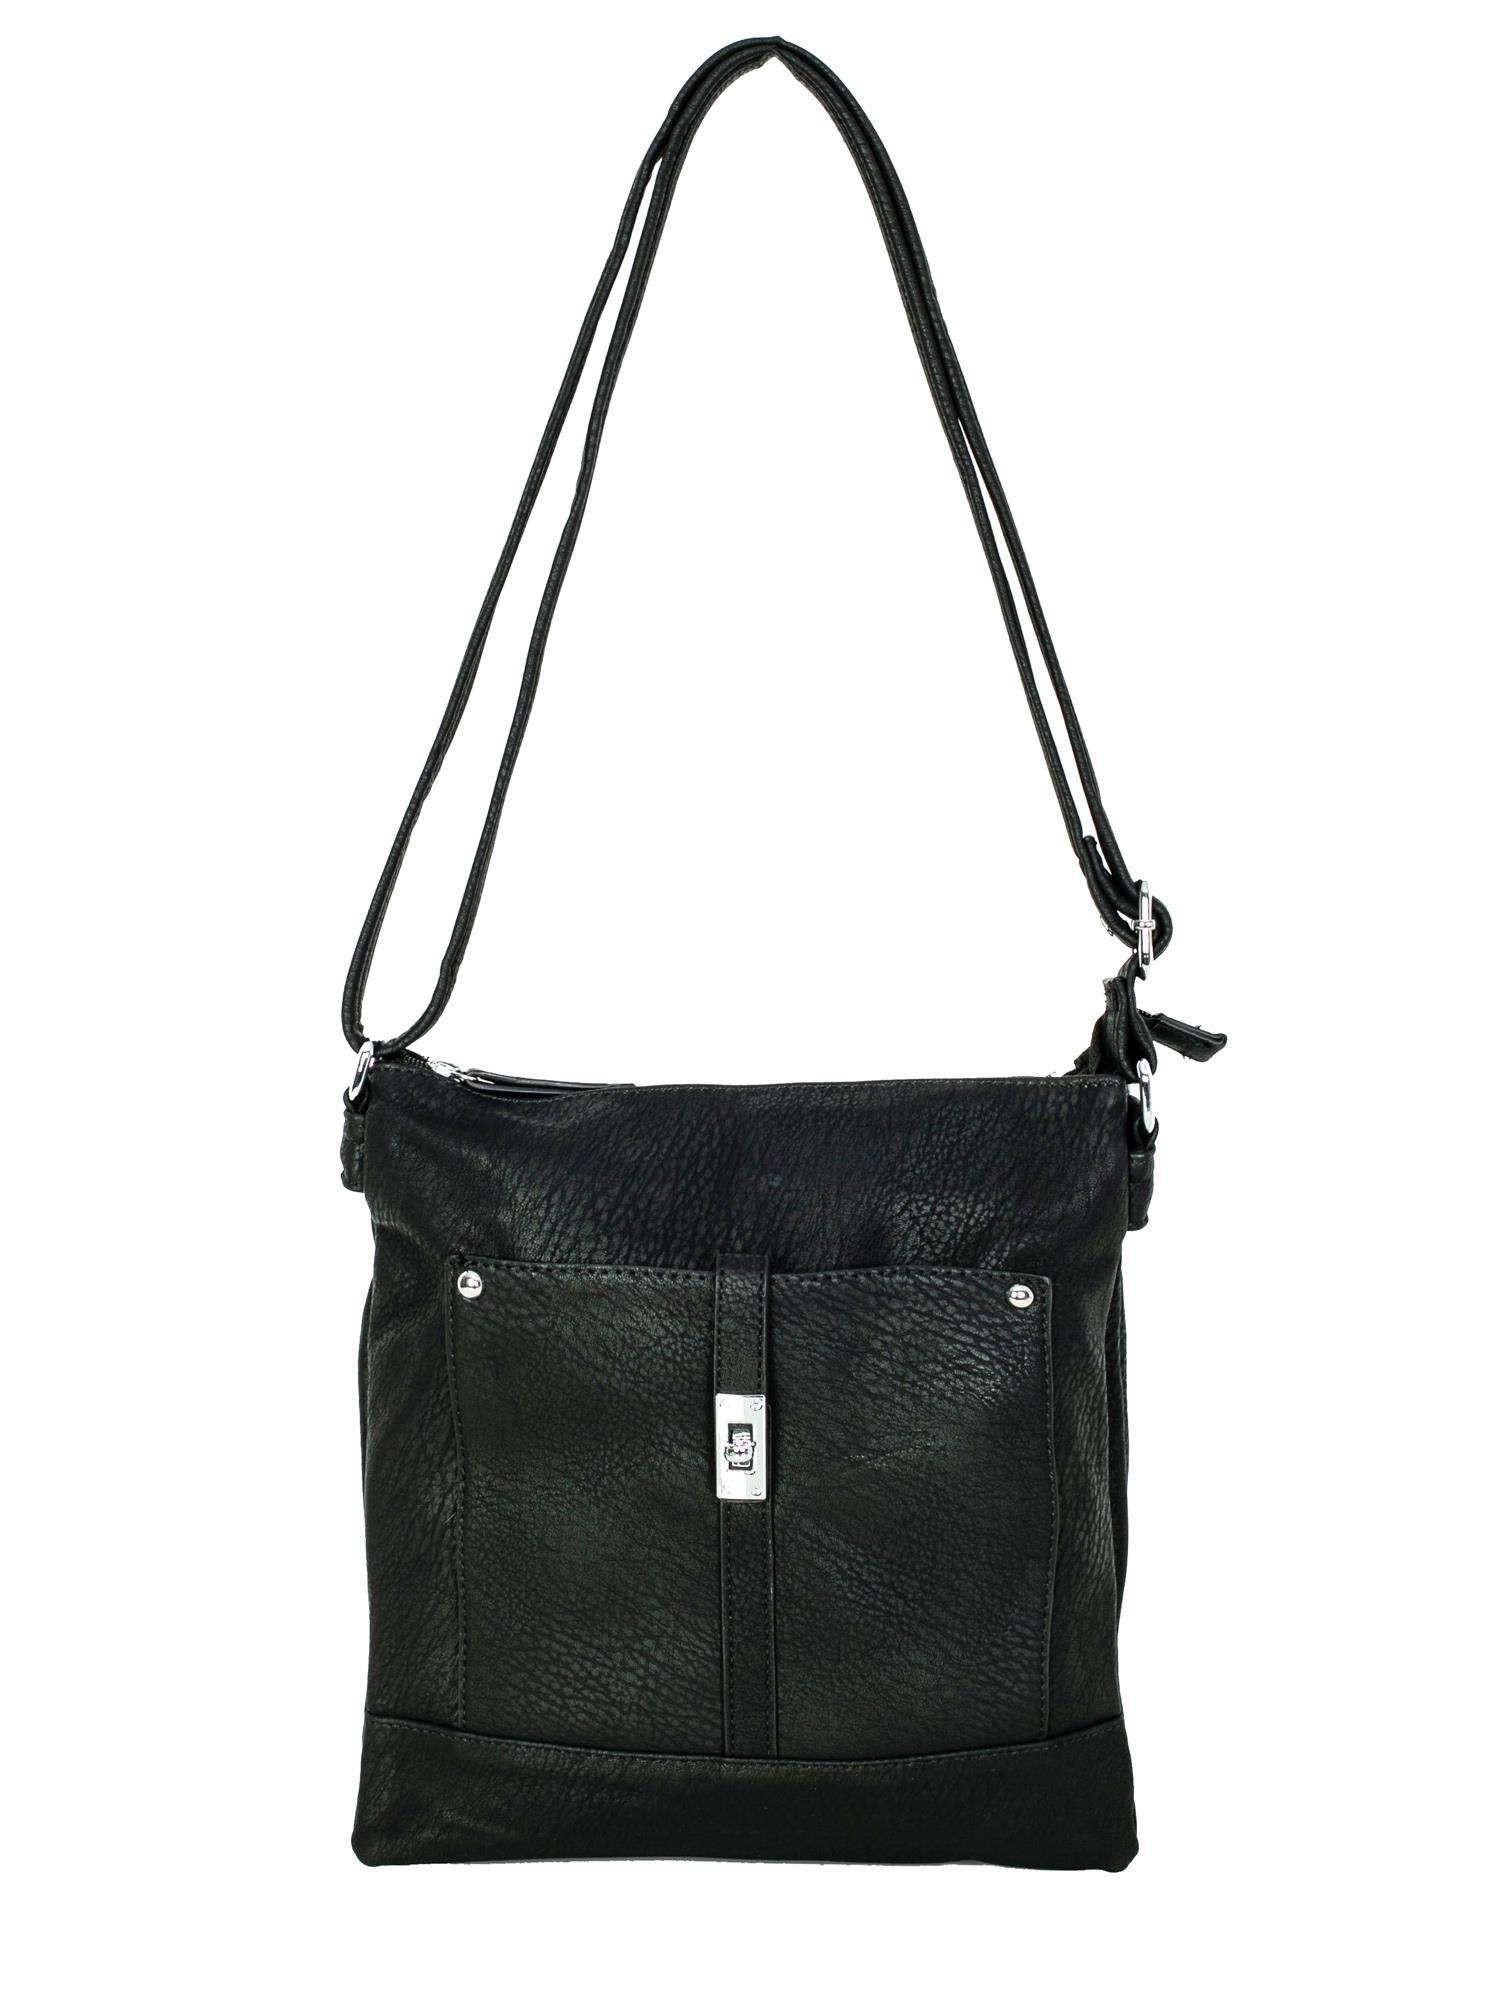 Čierna dámska kabelka jedna velikost